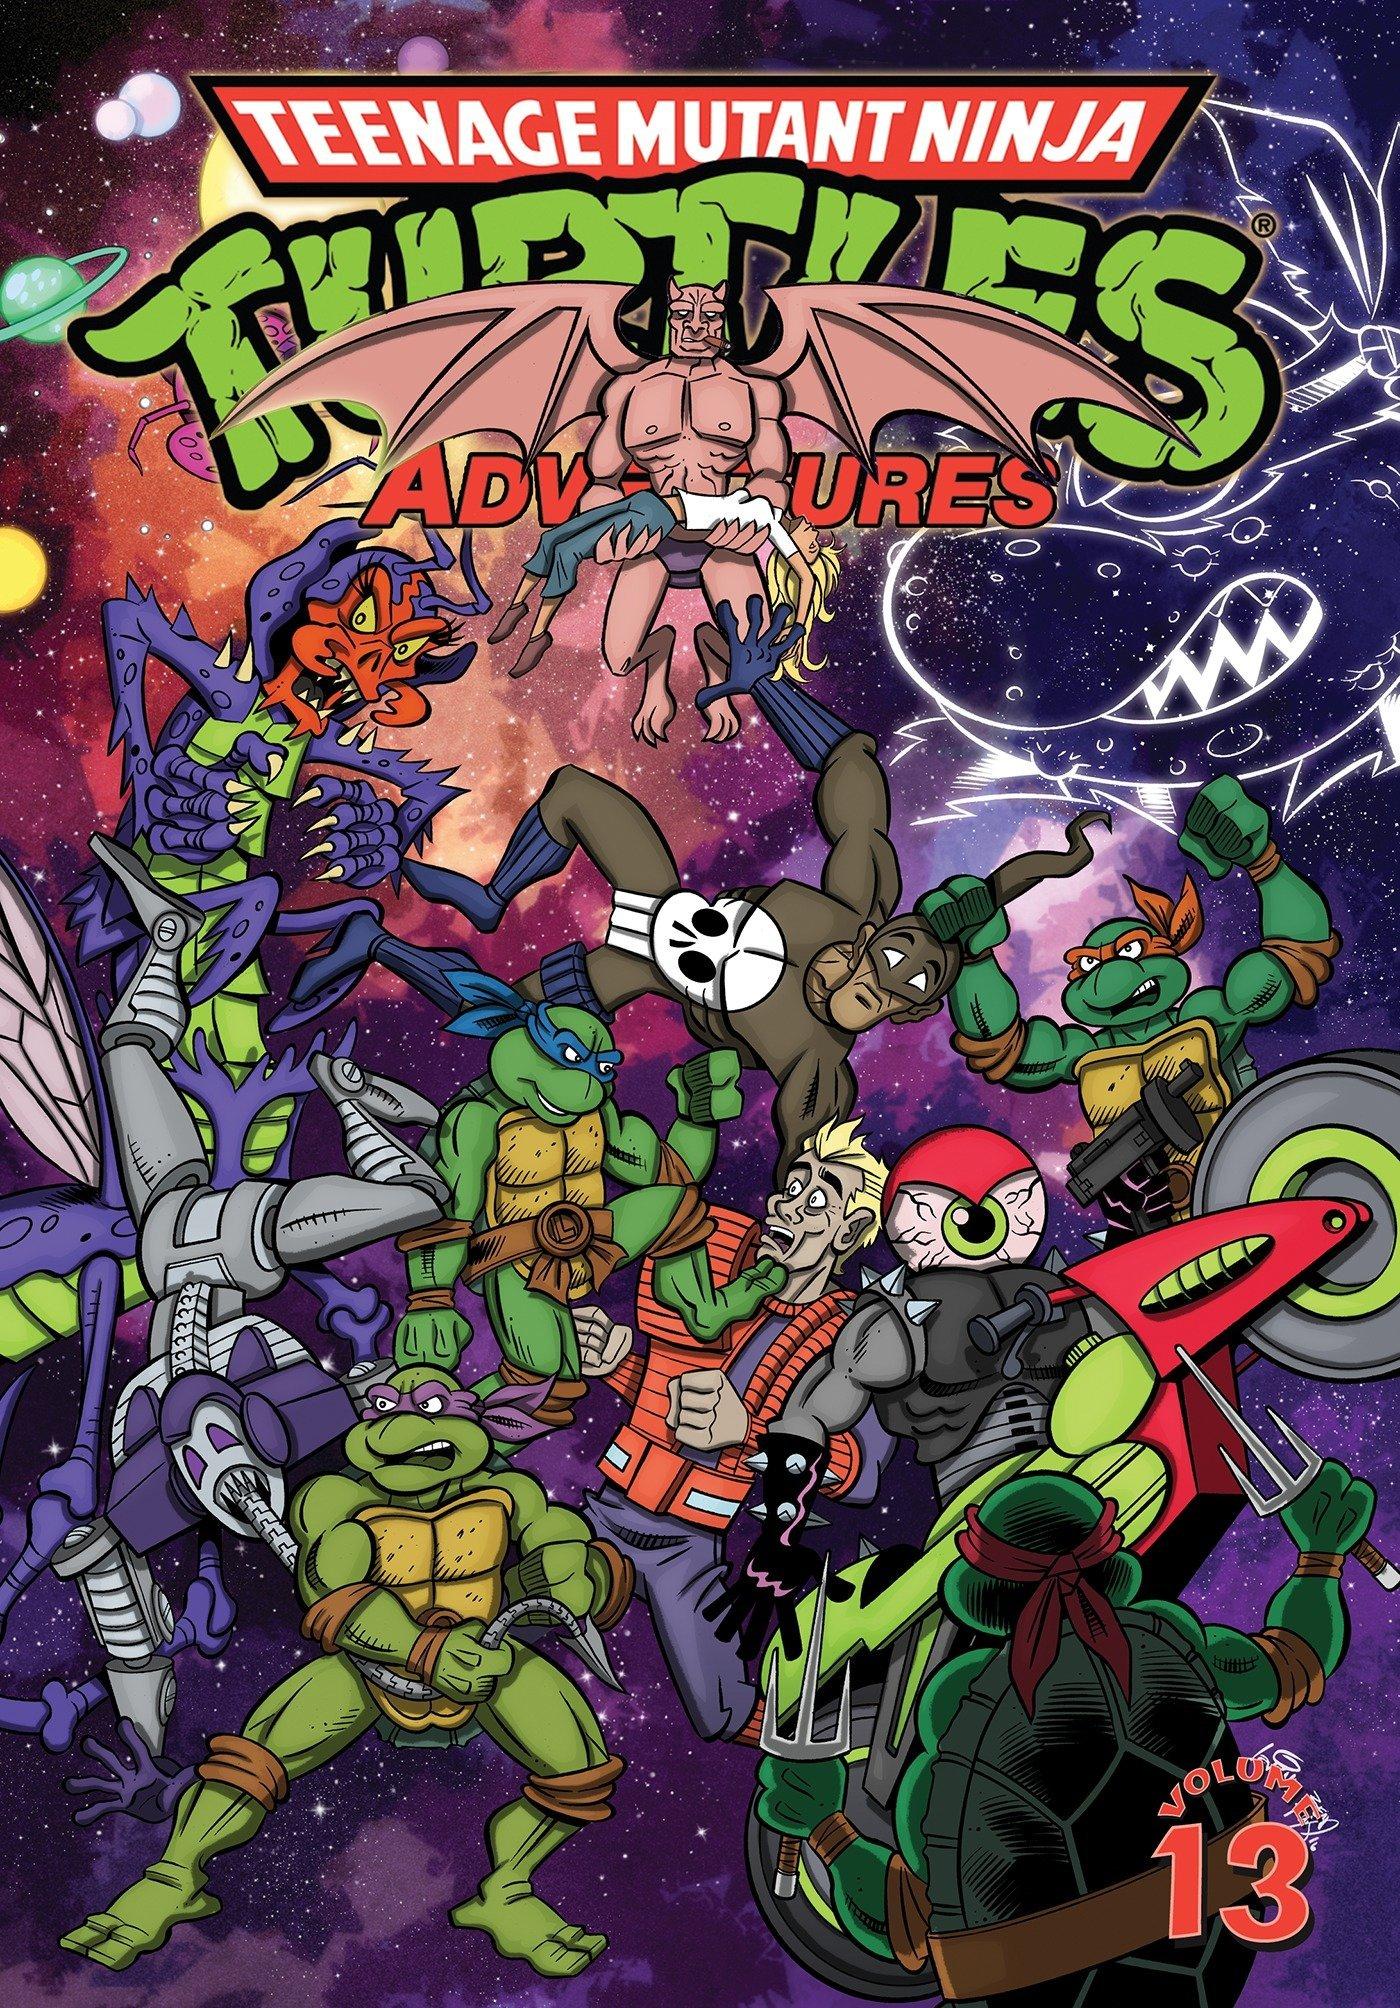 Amazon.com: Teenage Mutant Ninja Turtles Adventures Volume ...